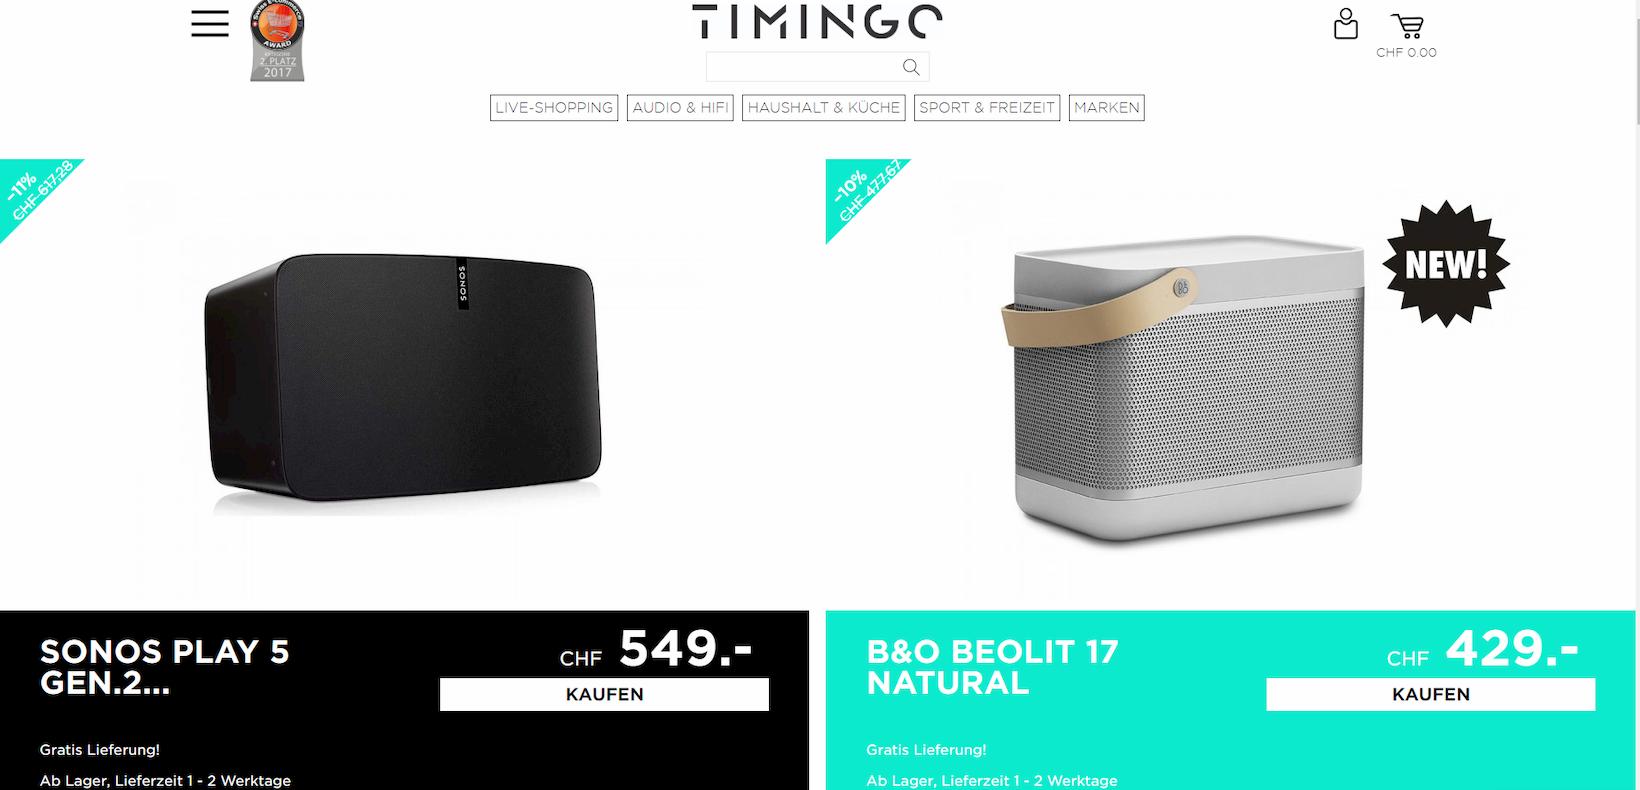 TIMINGO Onlineshop auf Basis von Shopware